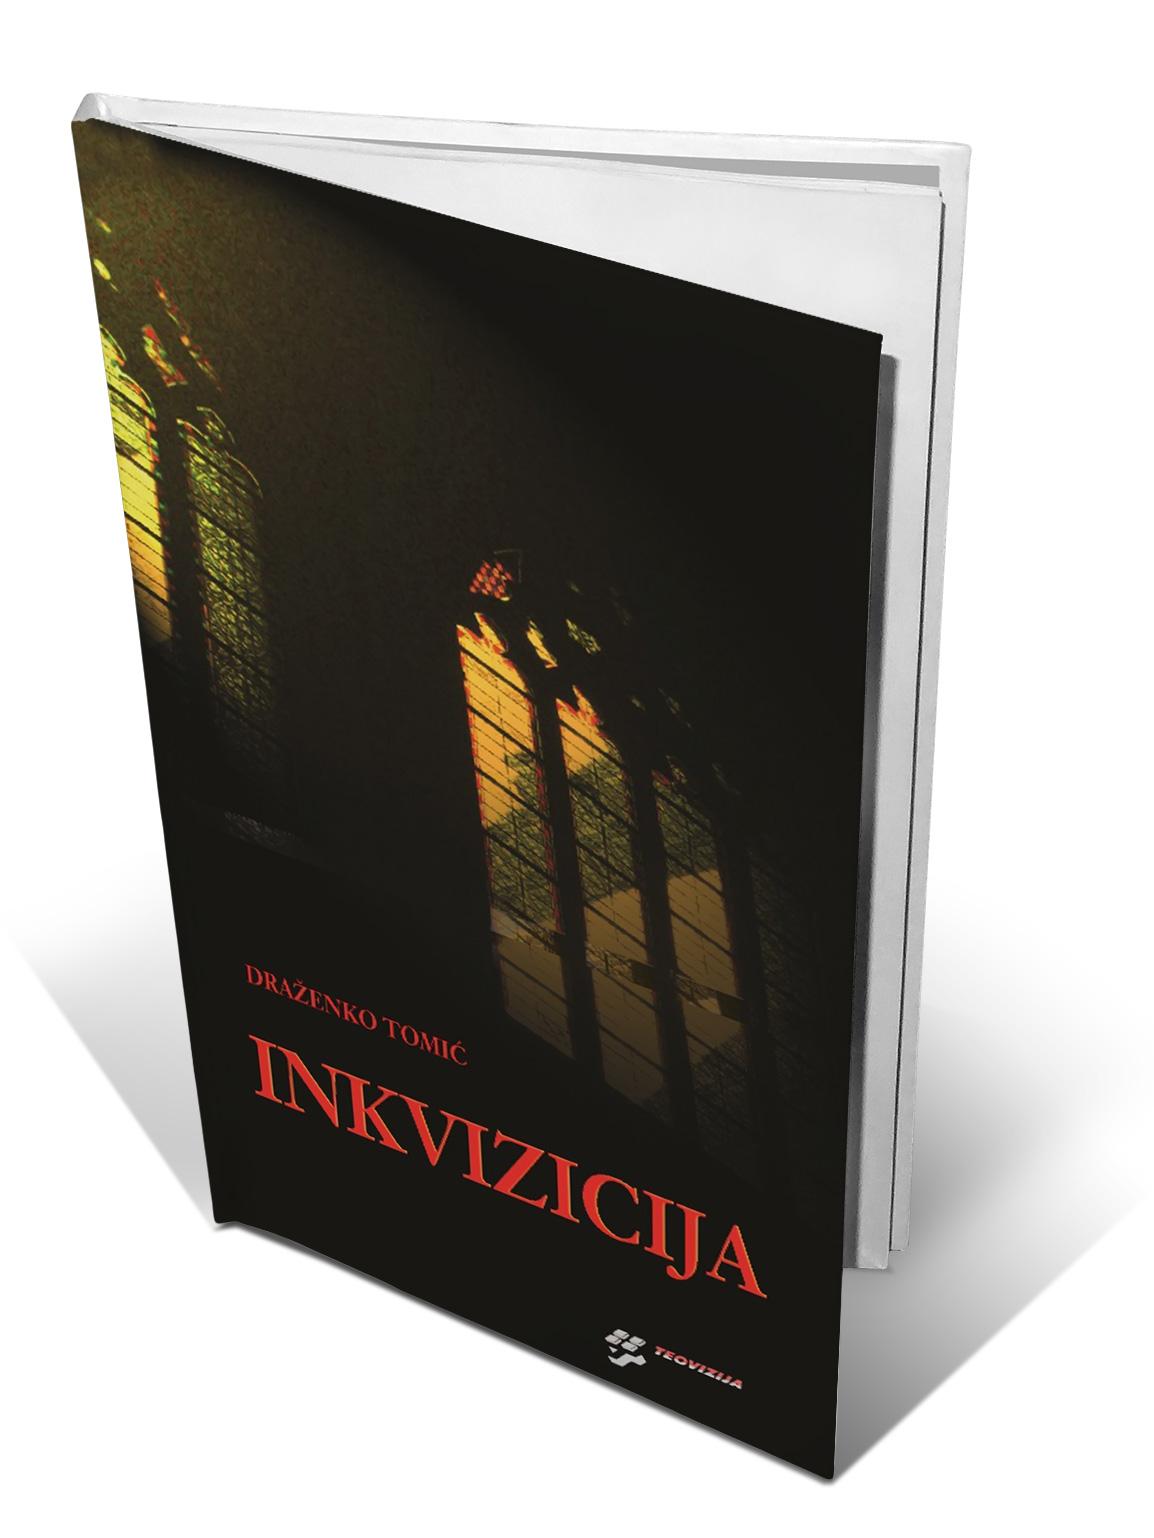 INKVIZICIJA - Draženko Tomić